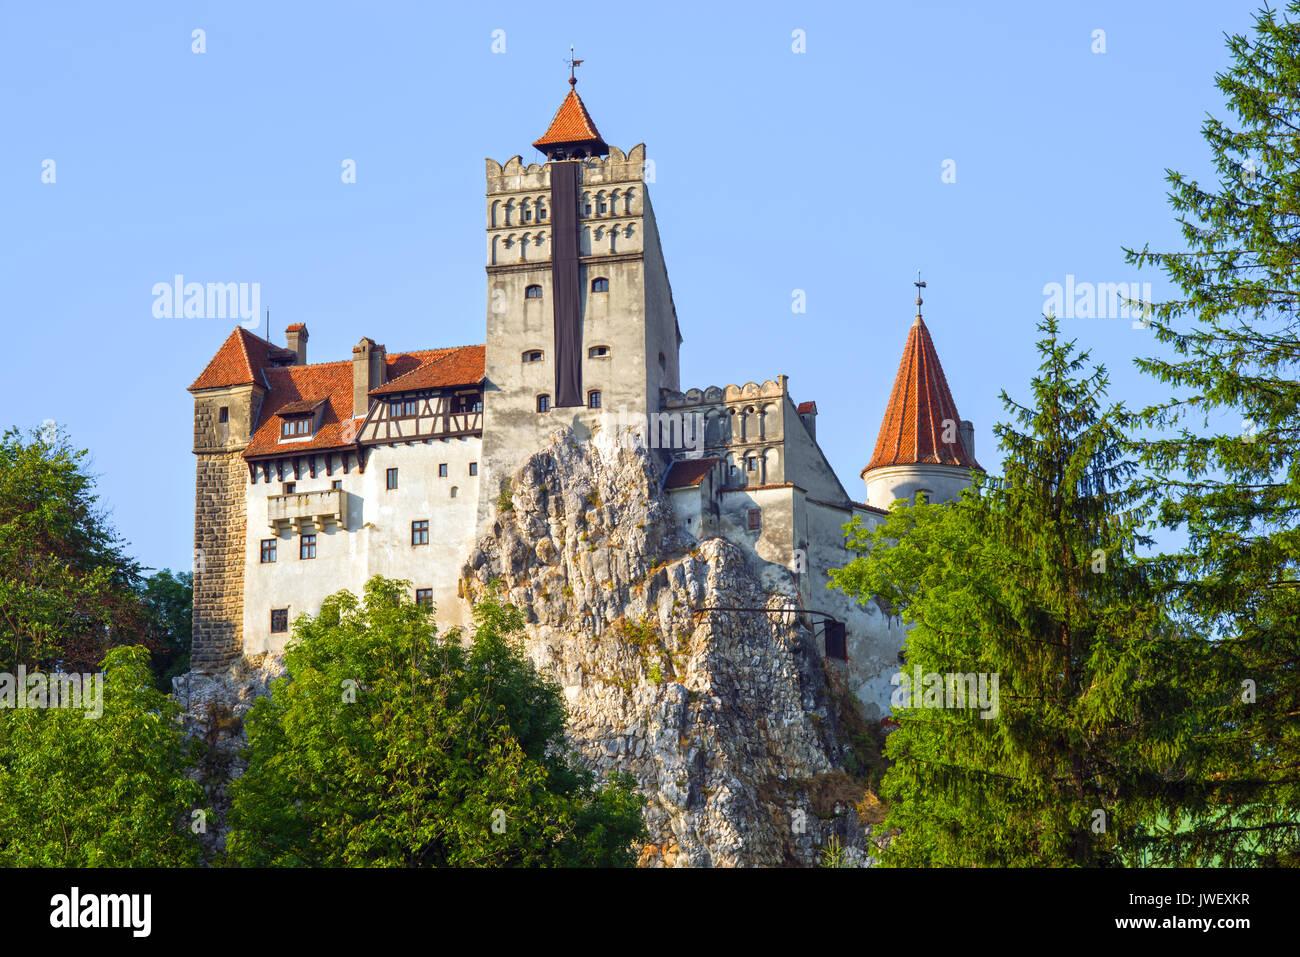 Geheimnisvollen Ort in Siebenbürgen: Dracula's Land, Schloss Bran. Es wurde im 14. Jahrhundert von Sachsen von Kronstadt. Stockbild